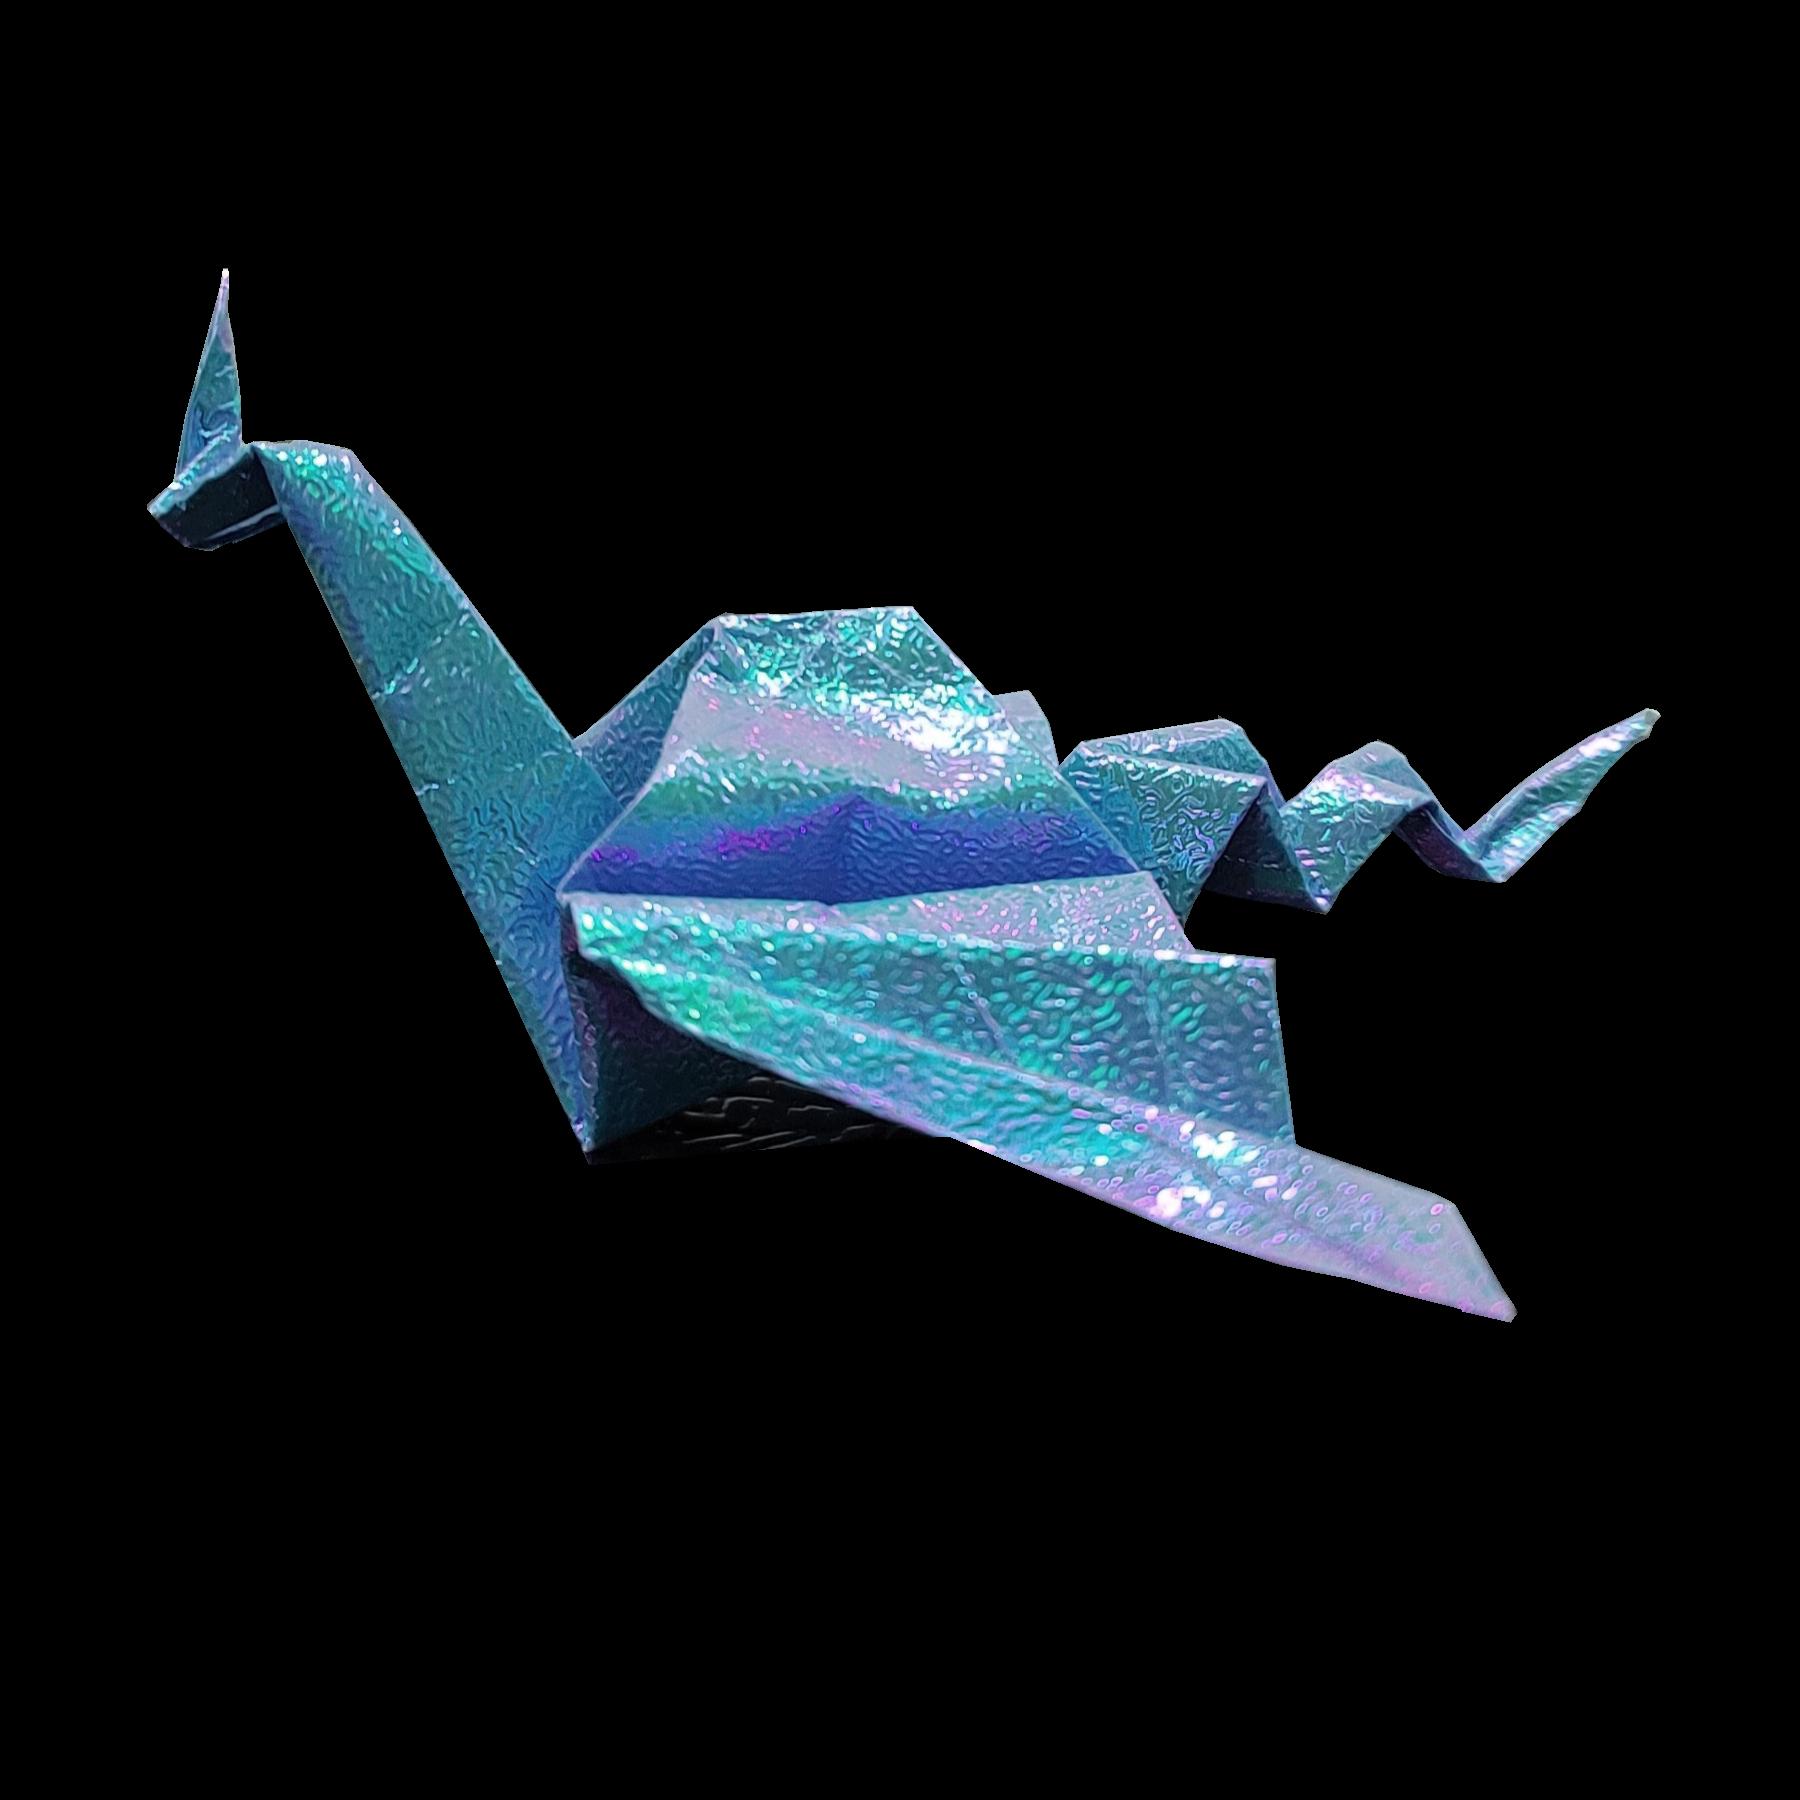 Blue Dragon, Side View